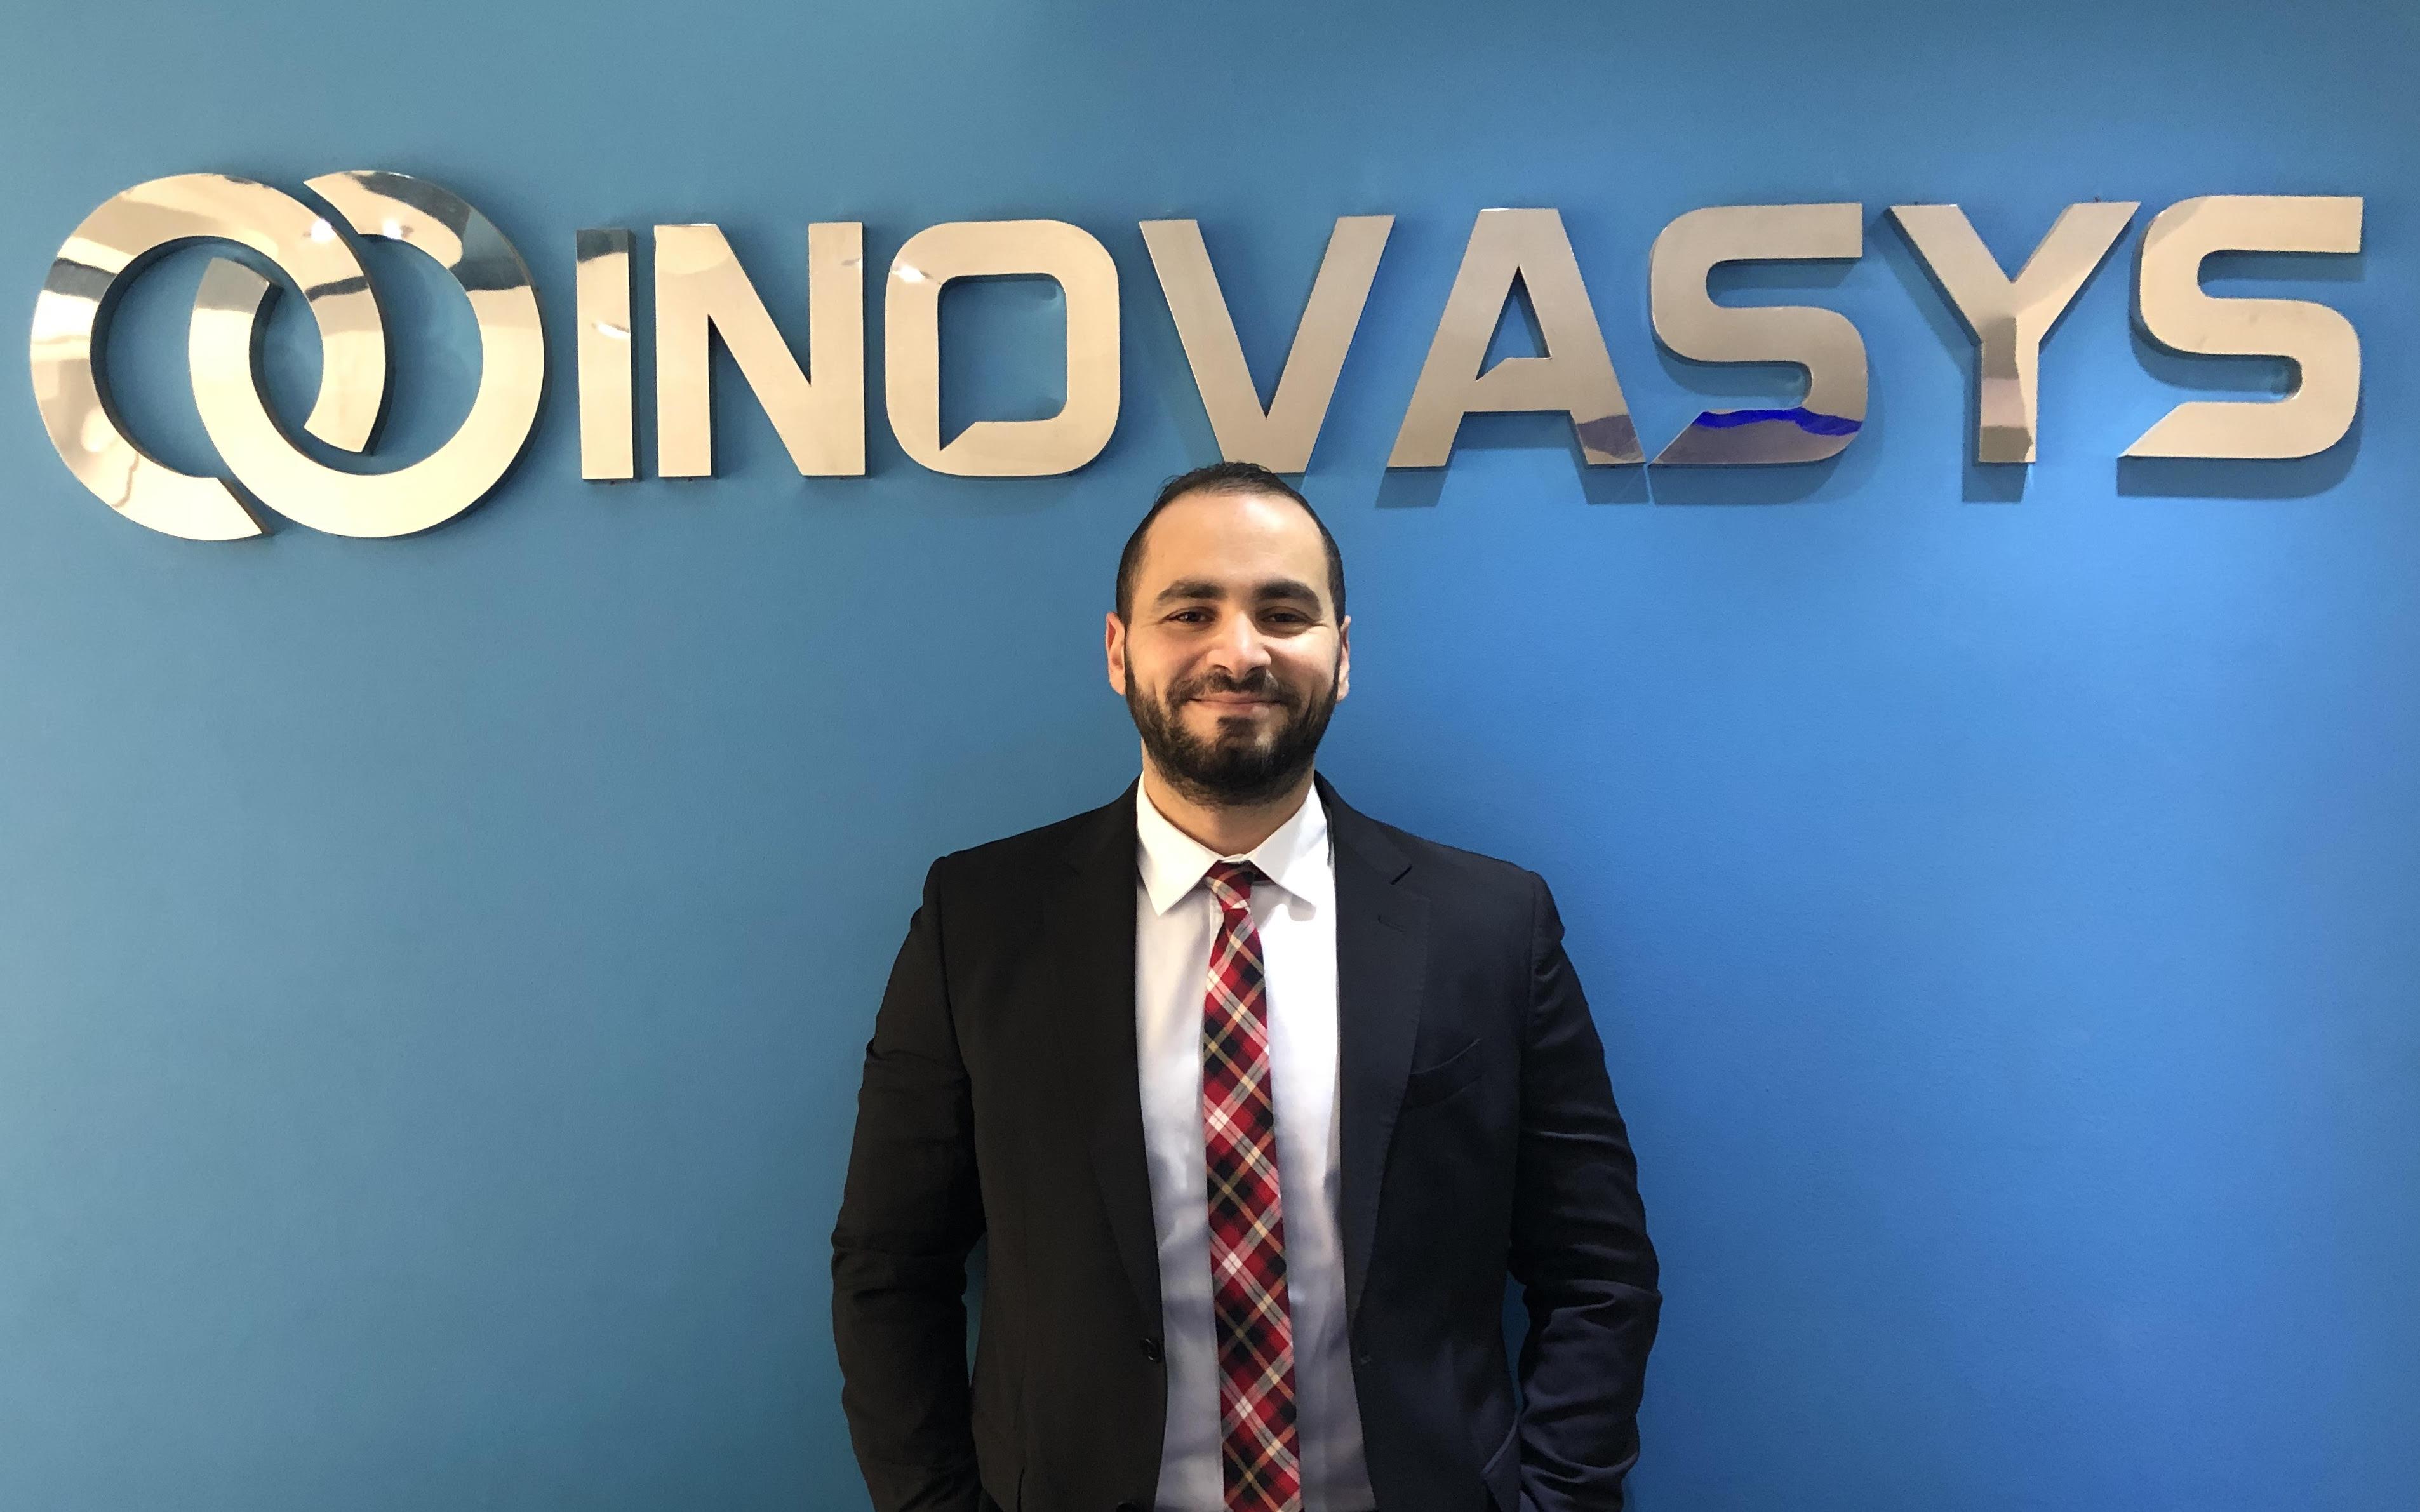 INOVASYS تعلن مشاركتها للمرة الأولى في Cairo ICT 2018    وتطلق استراتيجيتها الجديدة